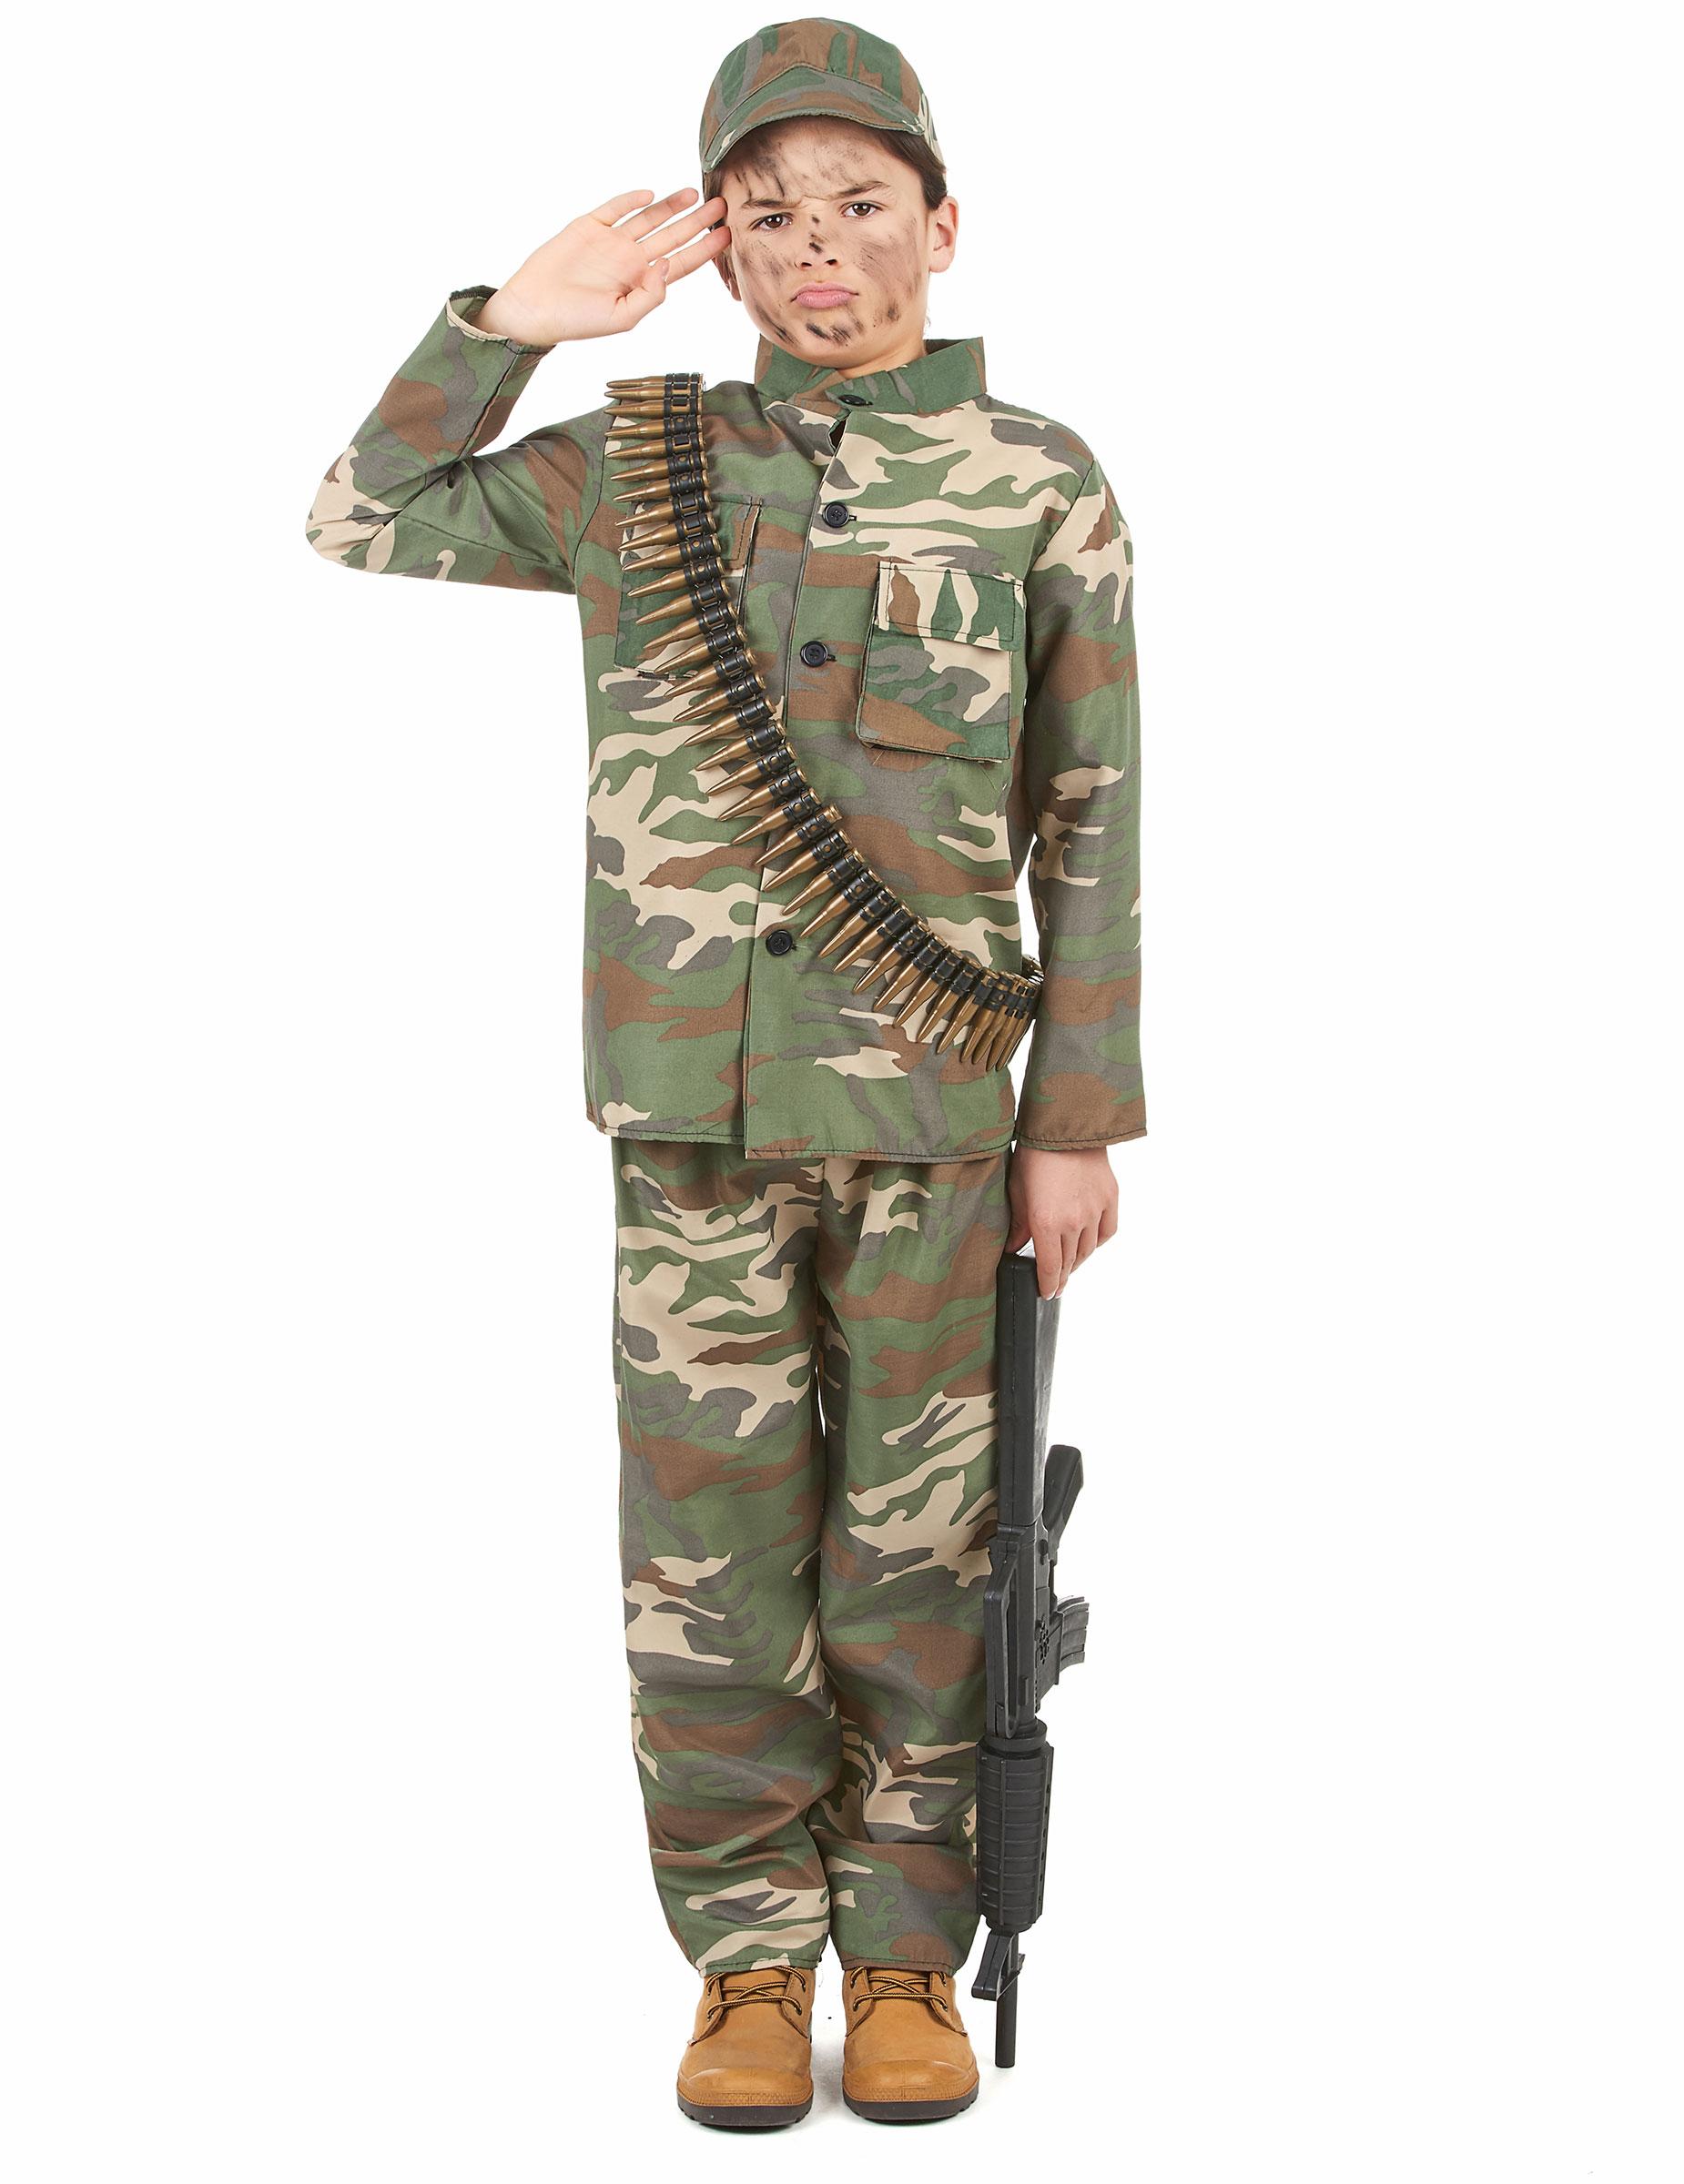 Soldaten Kinderkostüm - 122/134 (7-9 Jahre) 43689